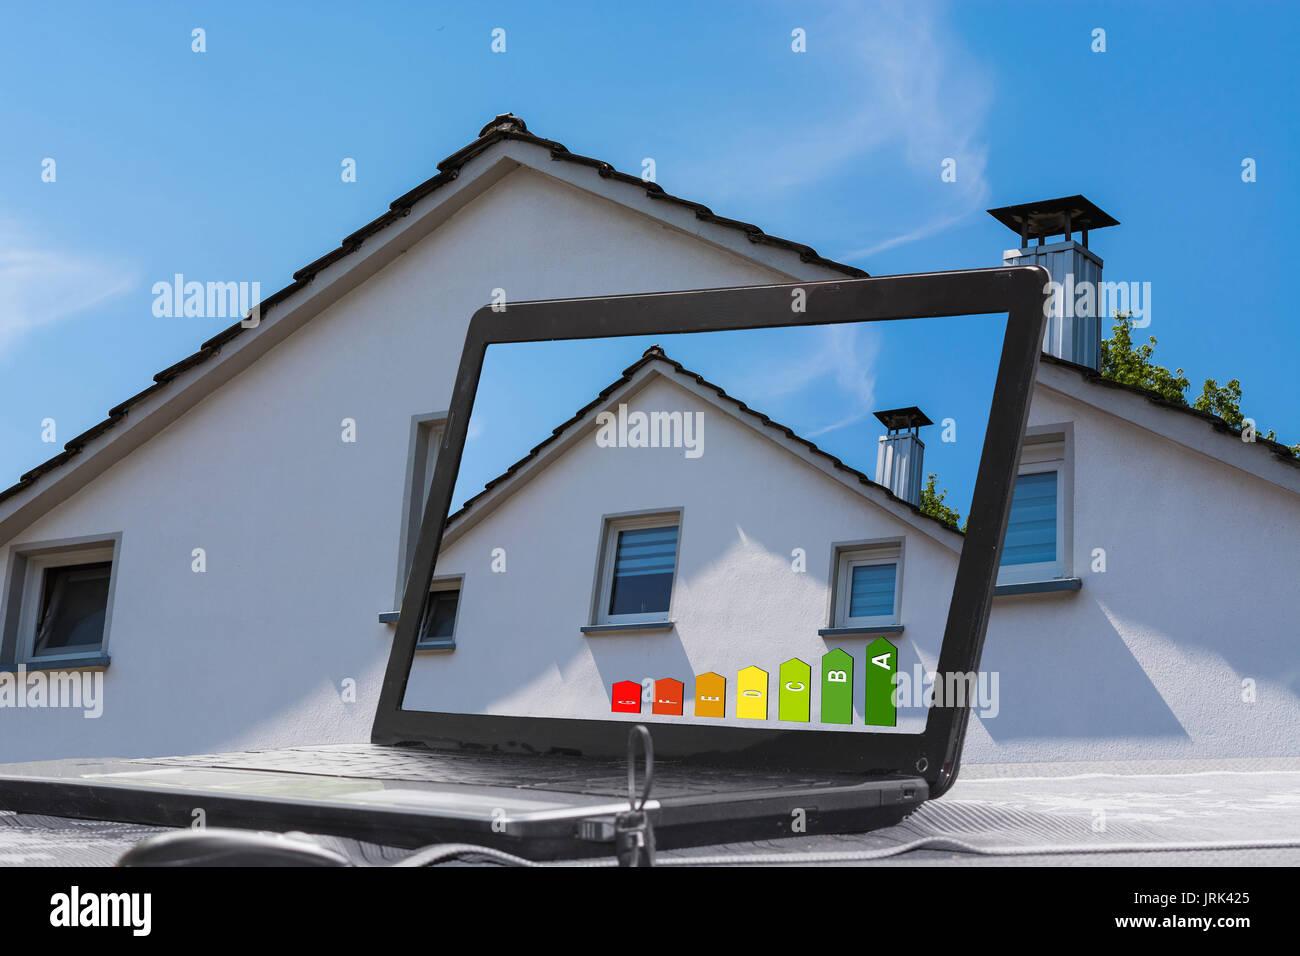 Laptop mit Bild eines Hauses auf dem Monitor. Konzept Gebäude, Design und Architektur. Stockbild